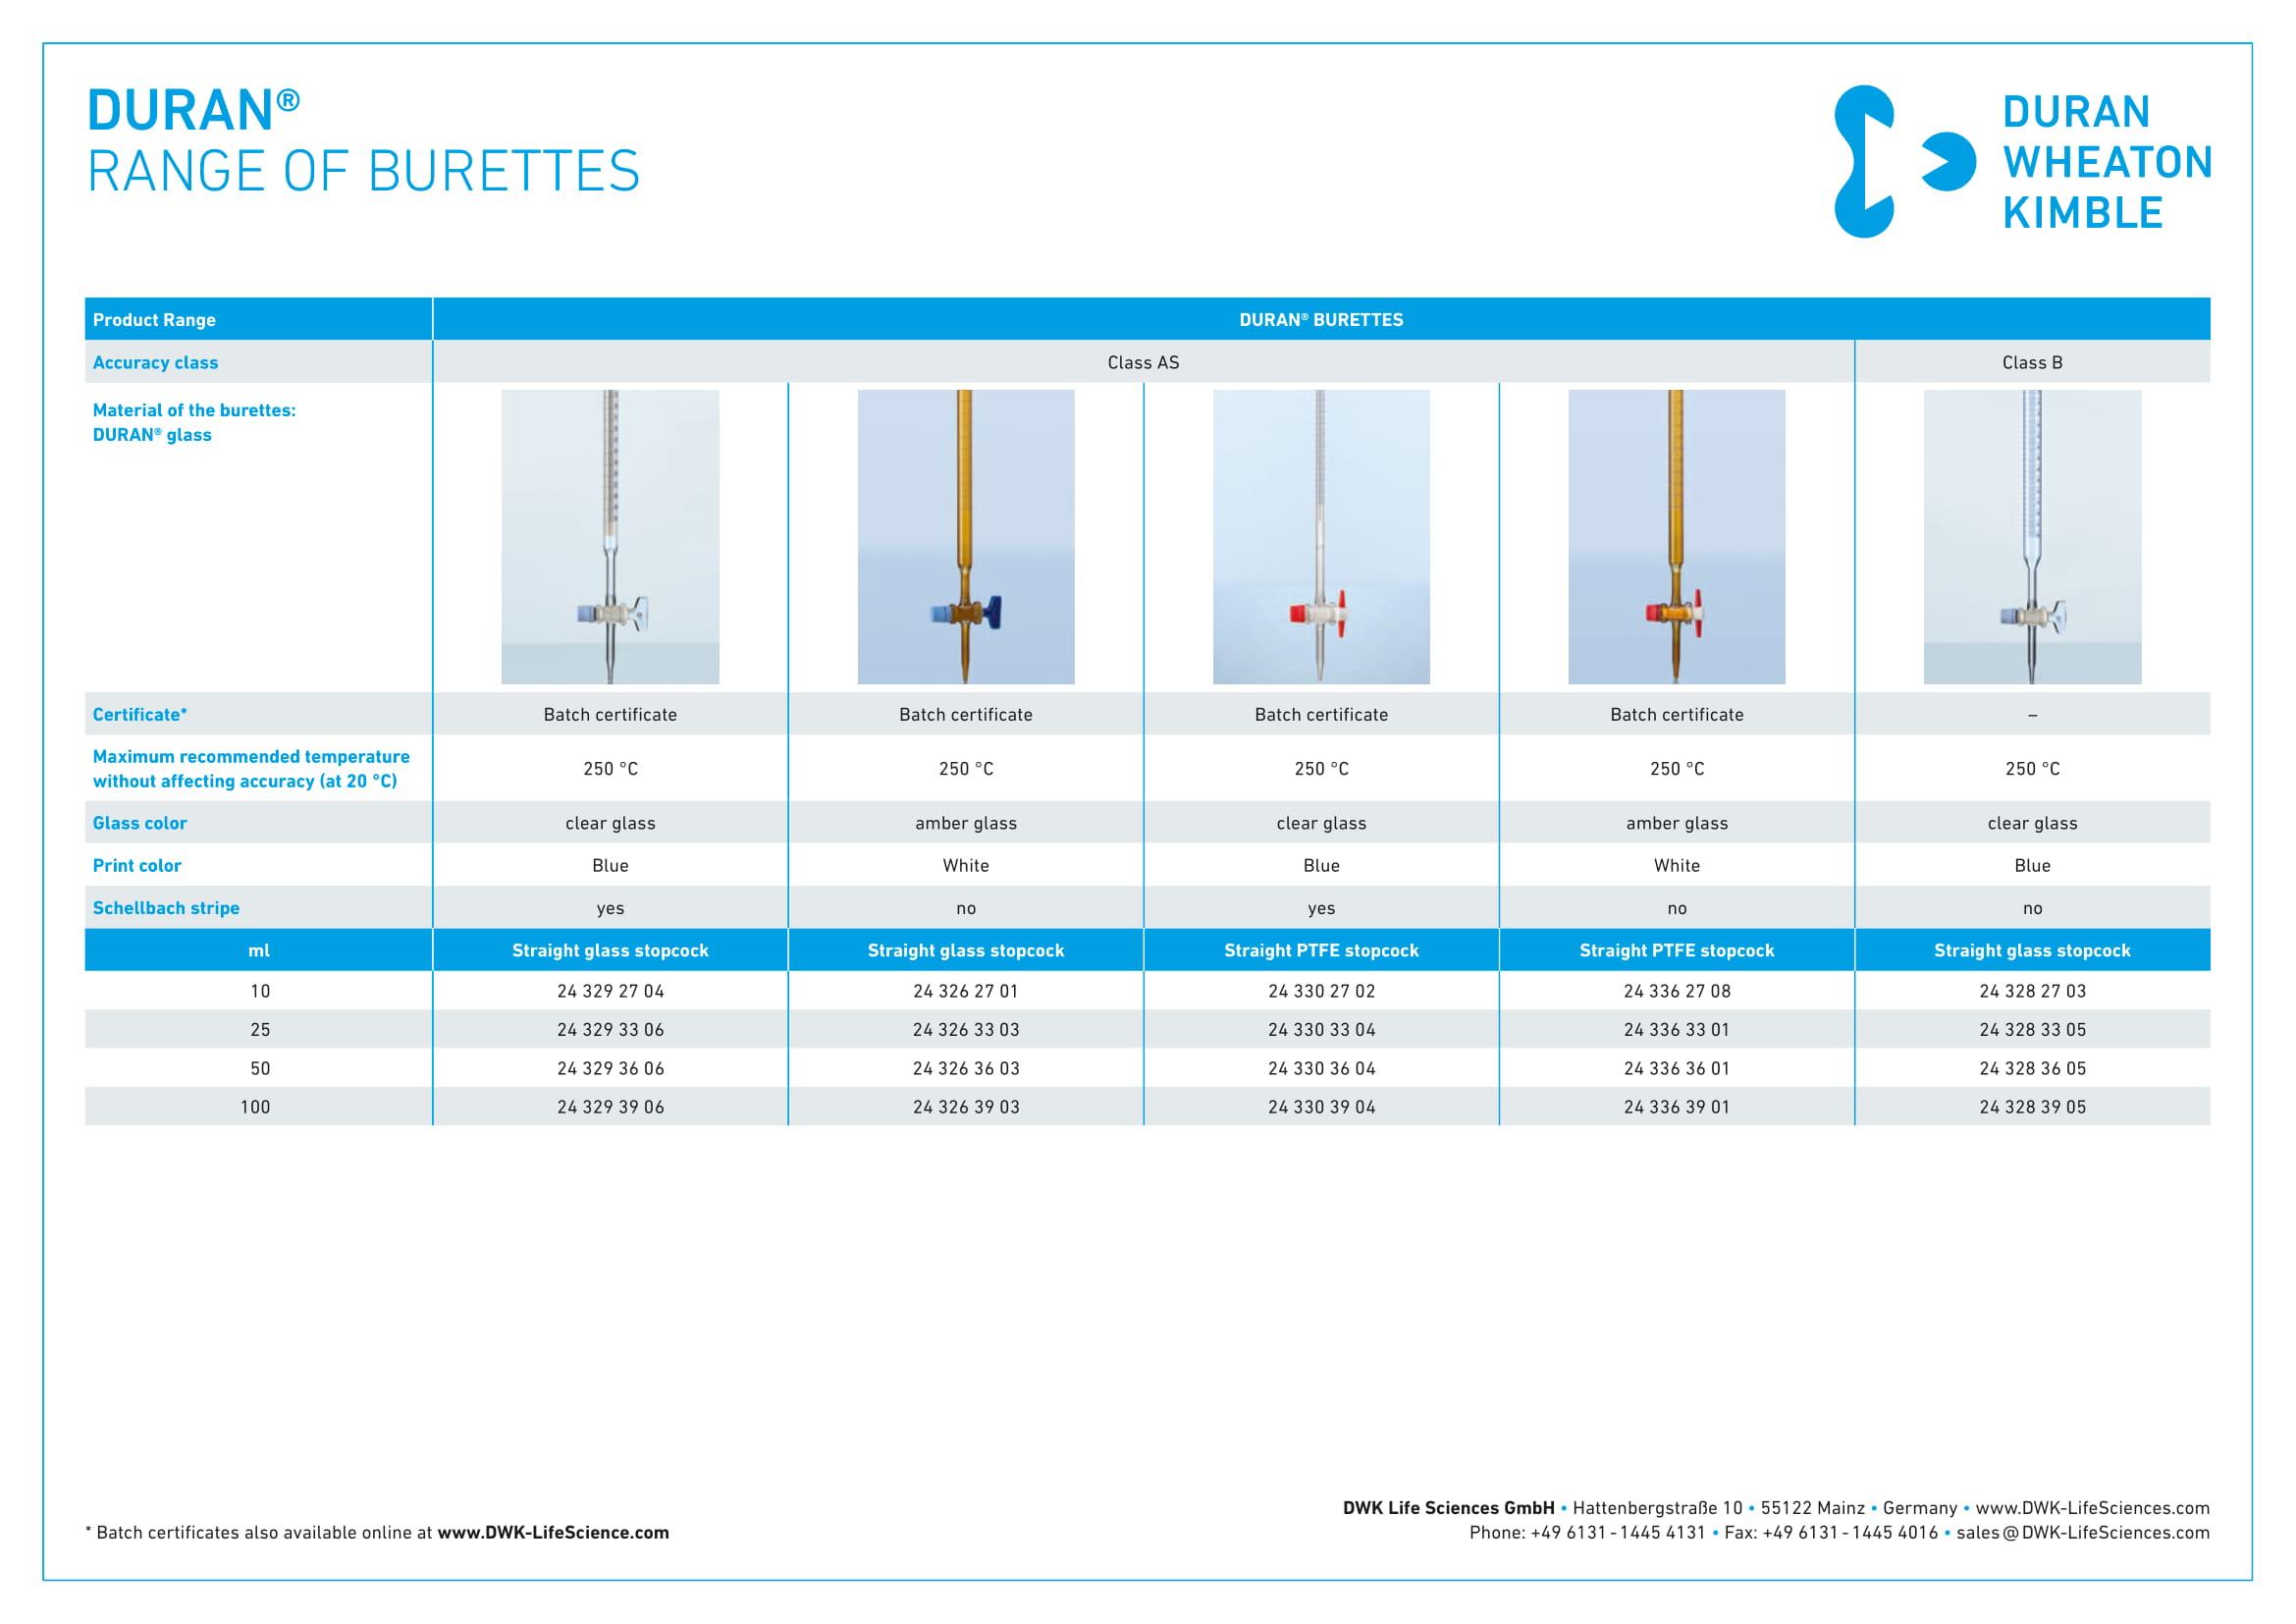 DURAN® Range of Burettes